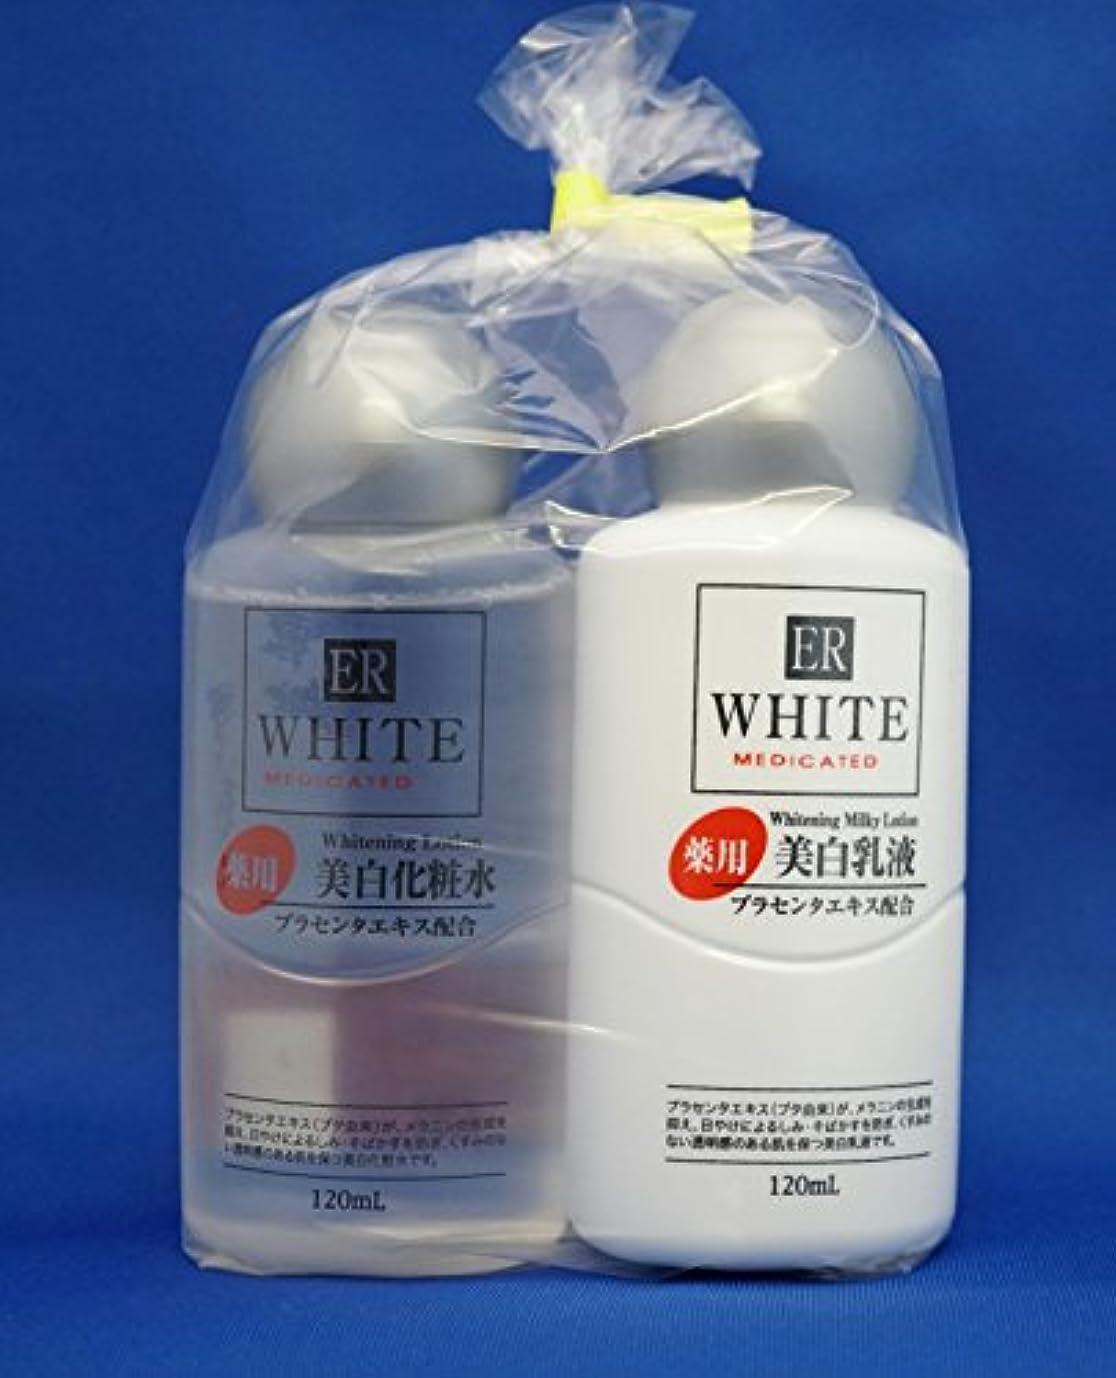 詩人抑制デコードする2個セット ダイソー ER コスモ ホワイトニング ミルクV(薬用美白乳液) と ER ホワイトニングローションV(薬用美白化粧水)